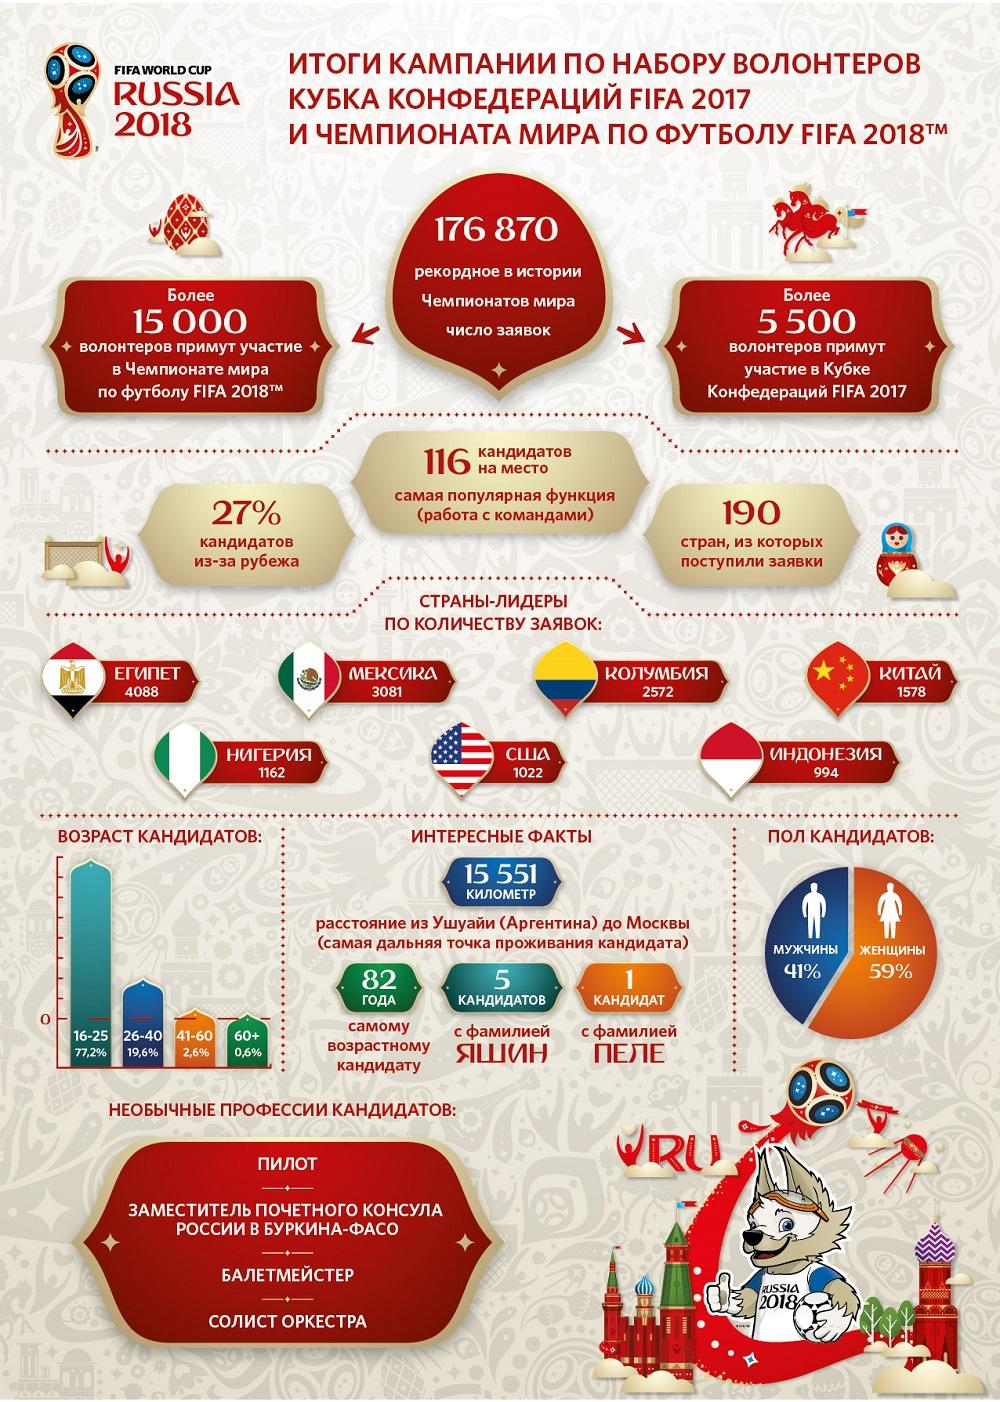 Кампания по набору волонтеров к ЧМ 2018, инфографика